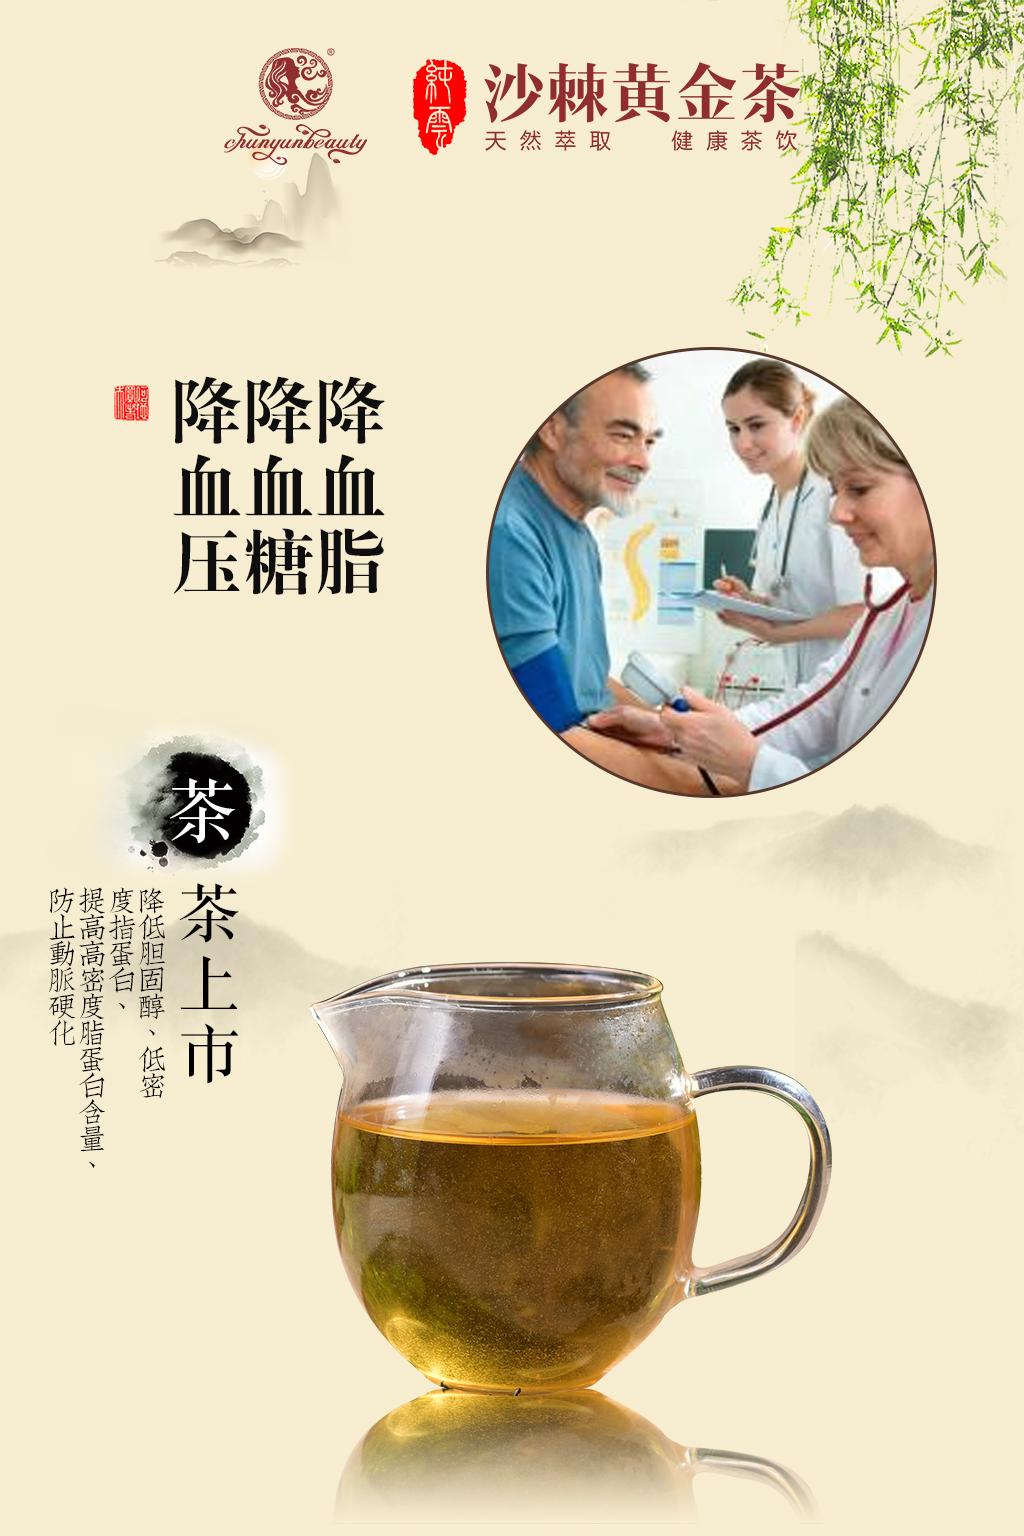 这是第7张沙棘茶黄金茶2017微商界一股清流的货源图片